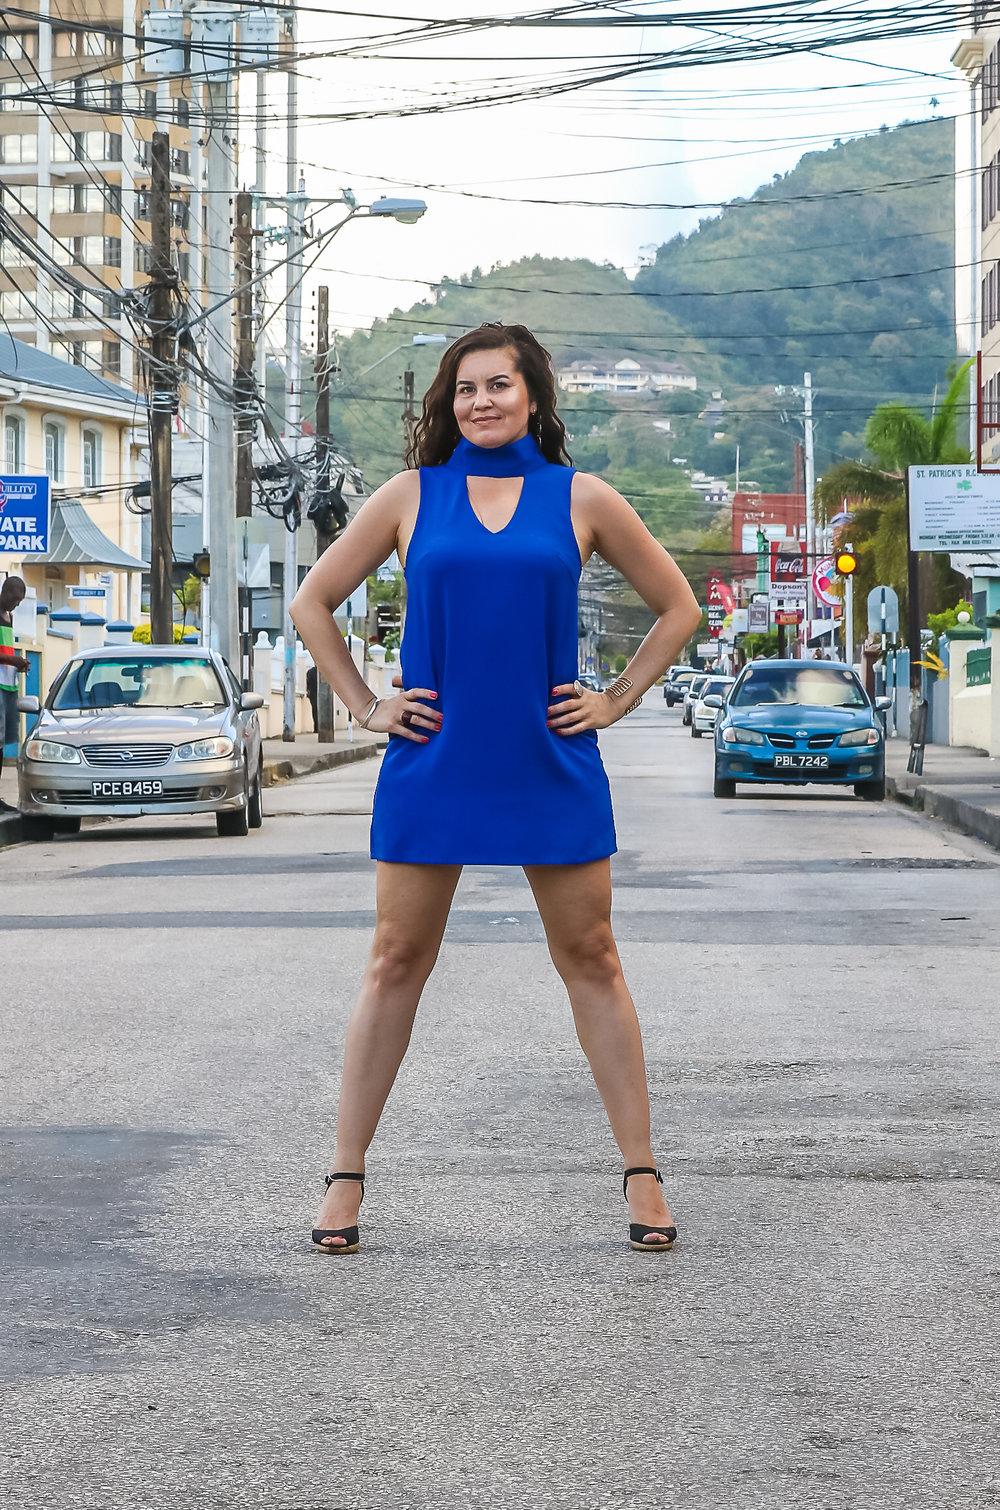 carla.trinidad.street.jpg